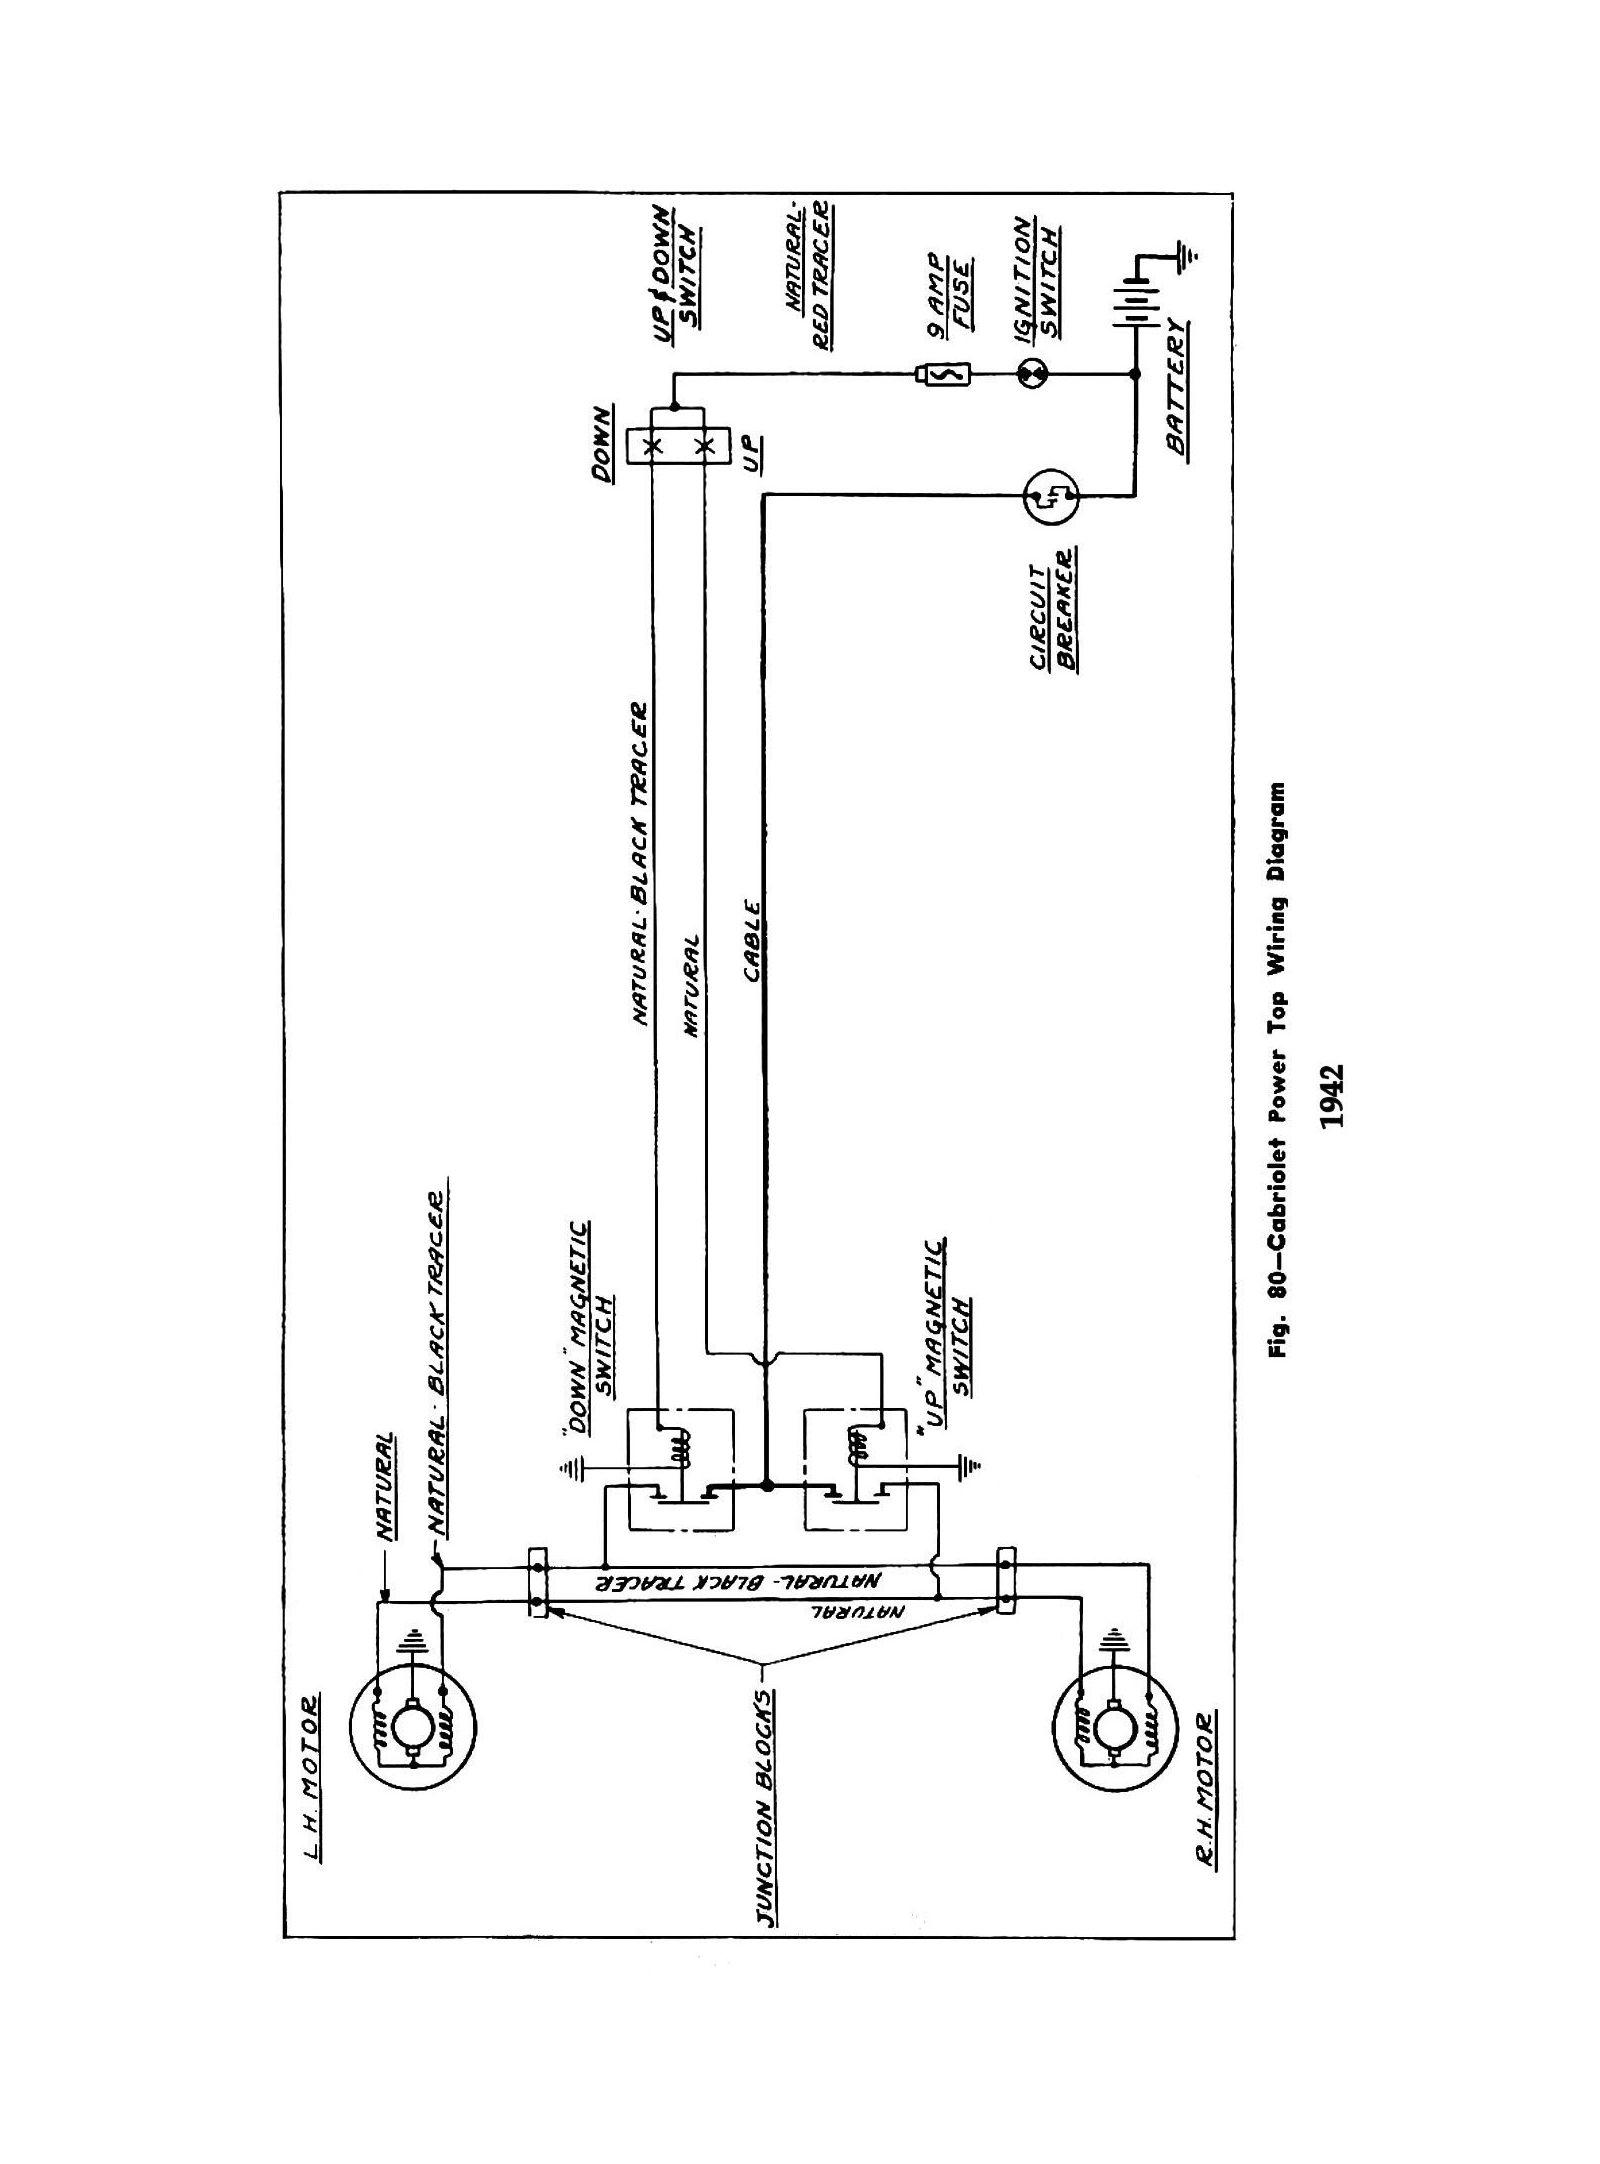 2001 oldsmobile intrigue spark plug diagram elwakt com. Black Bedroom Furniture Sets. Home Design Ideas